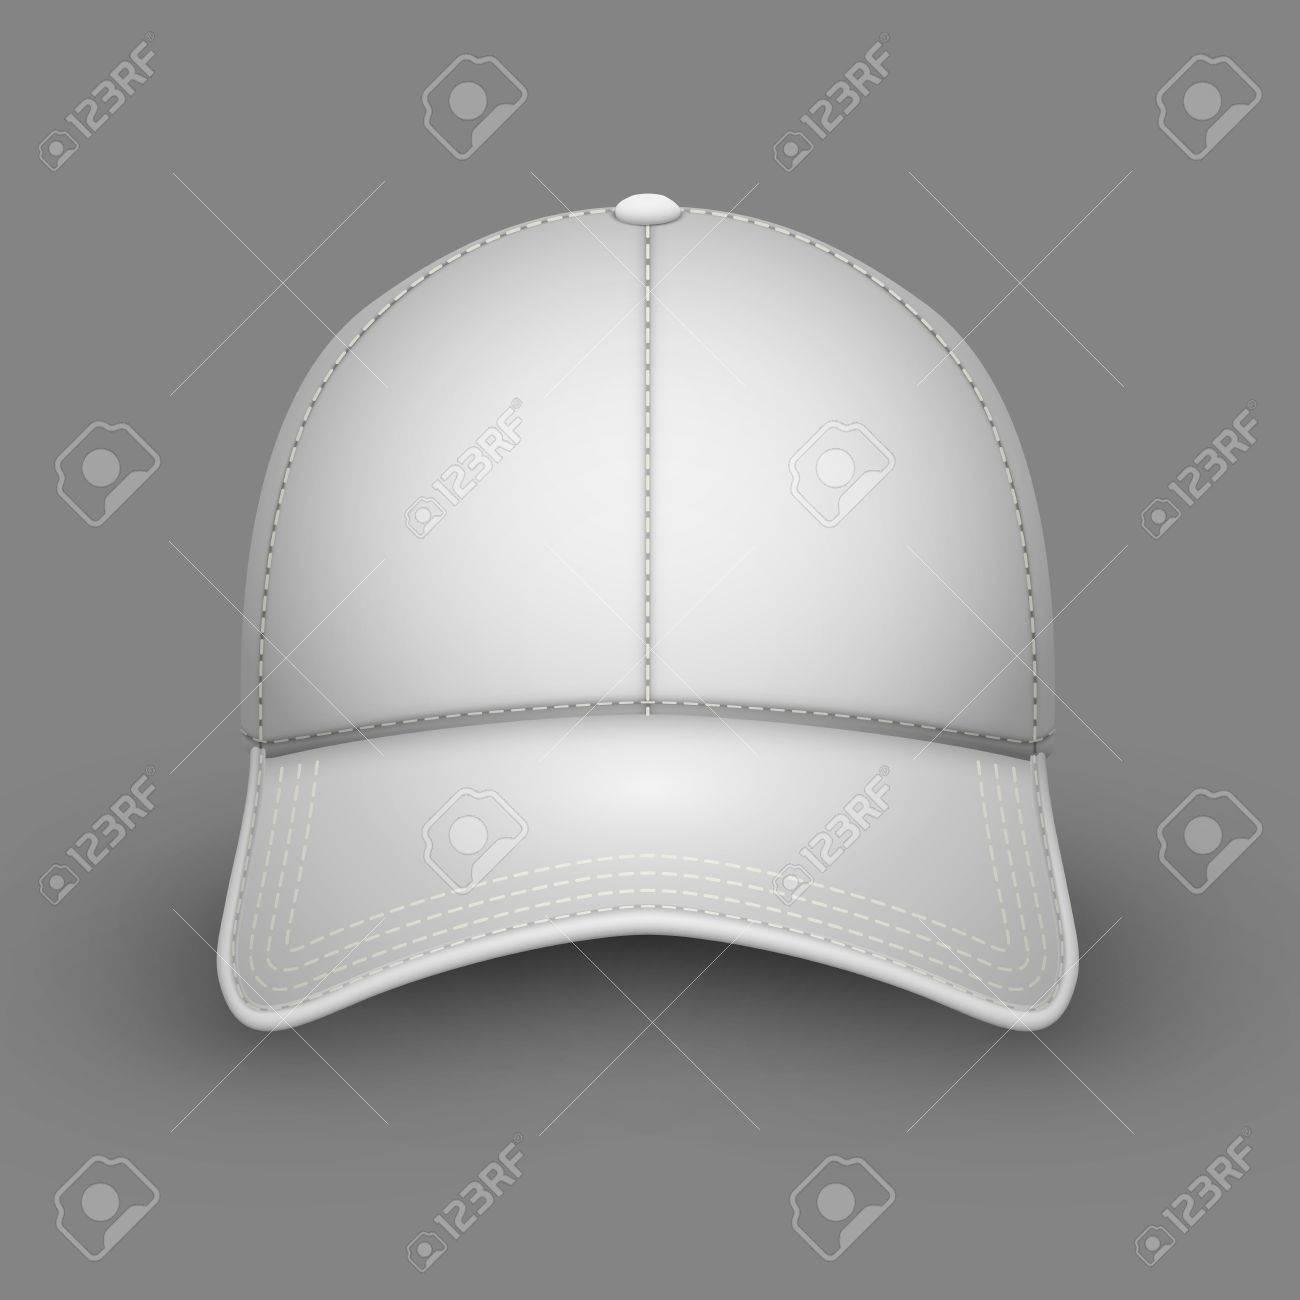 Foto de archivo - Plantilla de vector de gorra de béisbol blanco en blanco.  Maqueta de diseño de emblema. ad72f64a84a